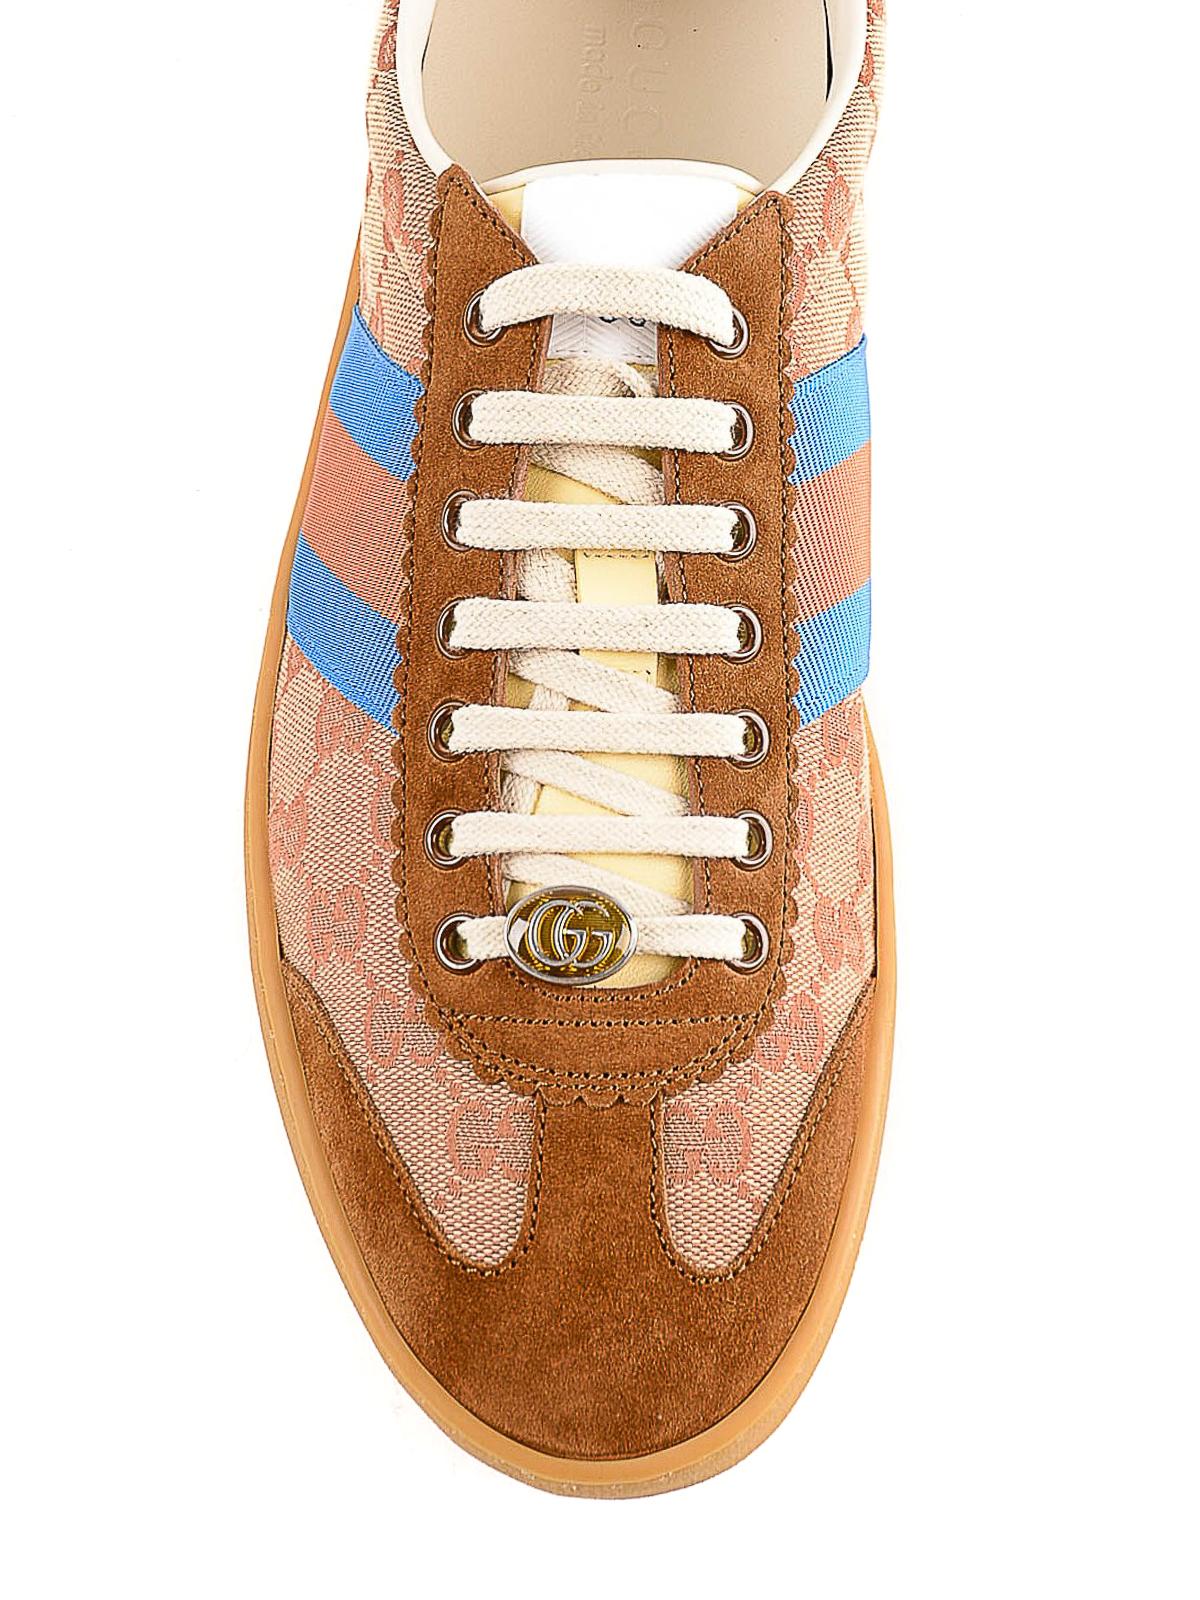 Gucci - Zapatillas - G74 Original Gg - Zapatillas - 521682KY940 8370 70086b1deb4